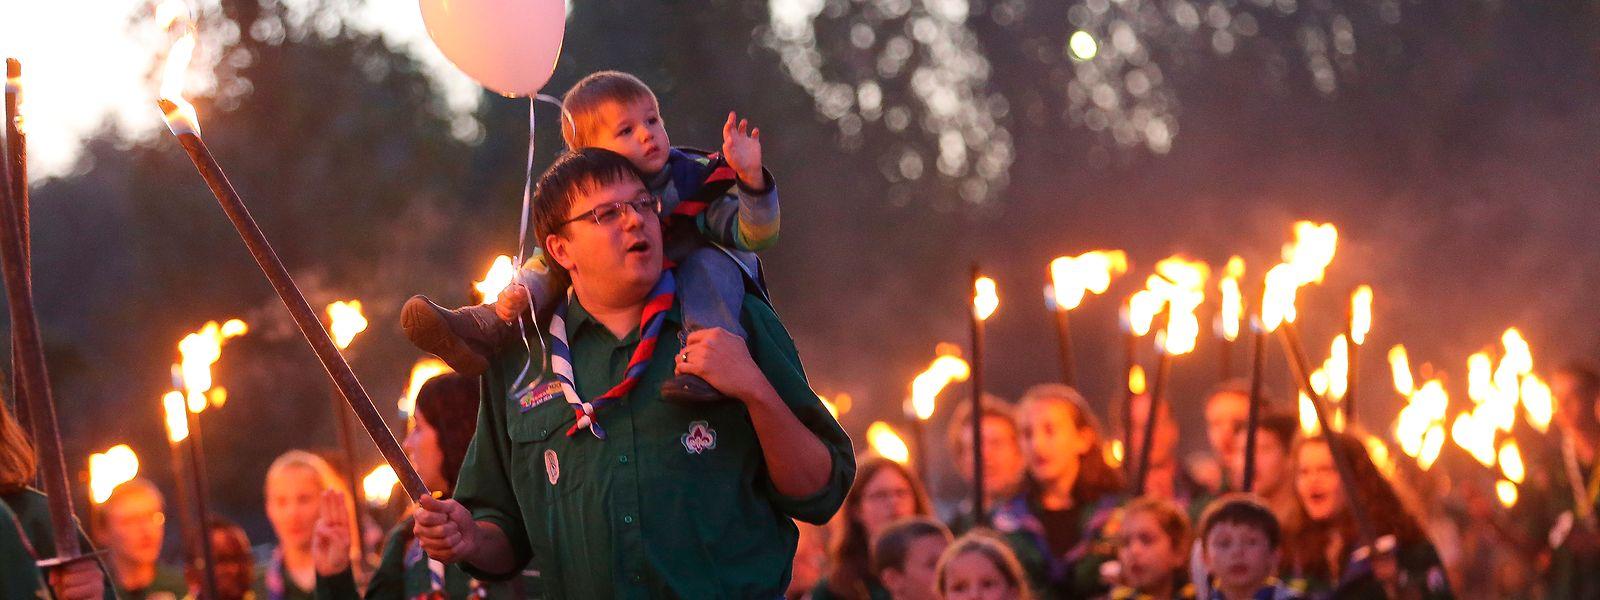 Beim traditionellen Fackelzug am Vorabend des Nationalfeiertages ziehenGroß und Klein gemeinsam mit Fackeln und Lampions durch die Hauptstadt.